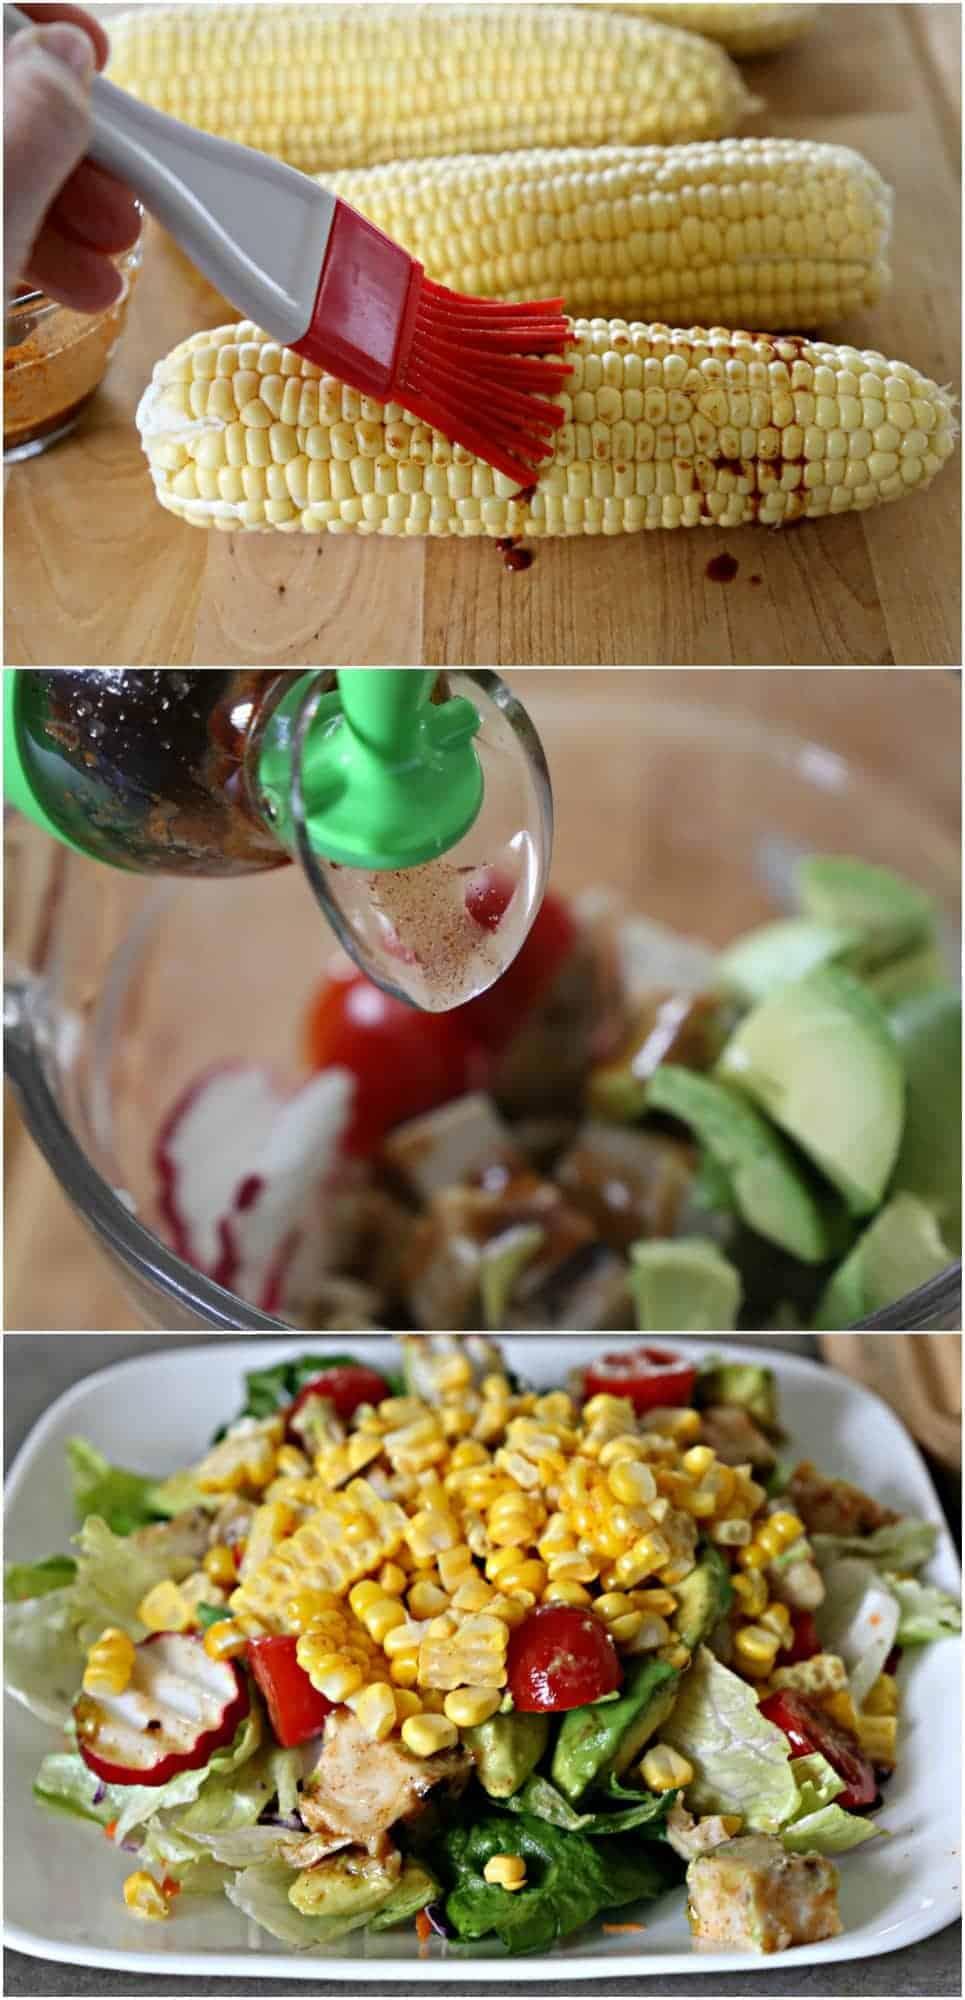 steps for making salad